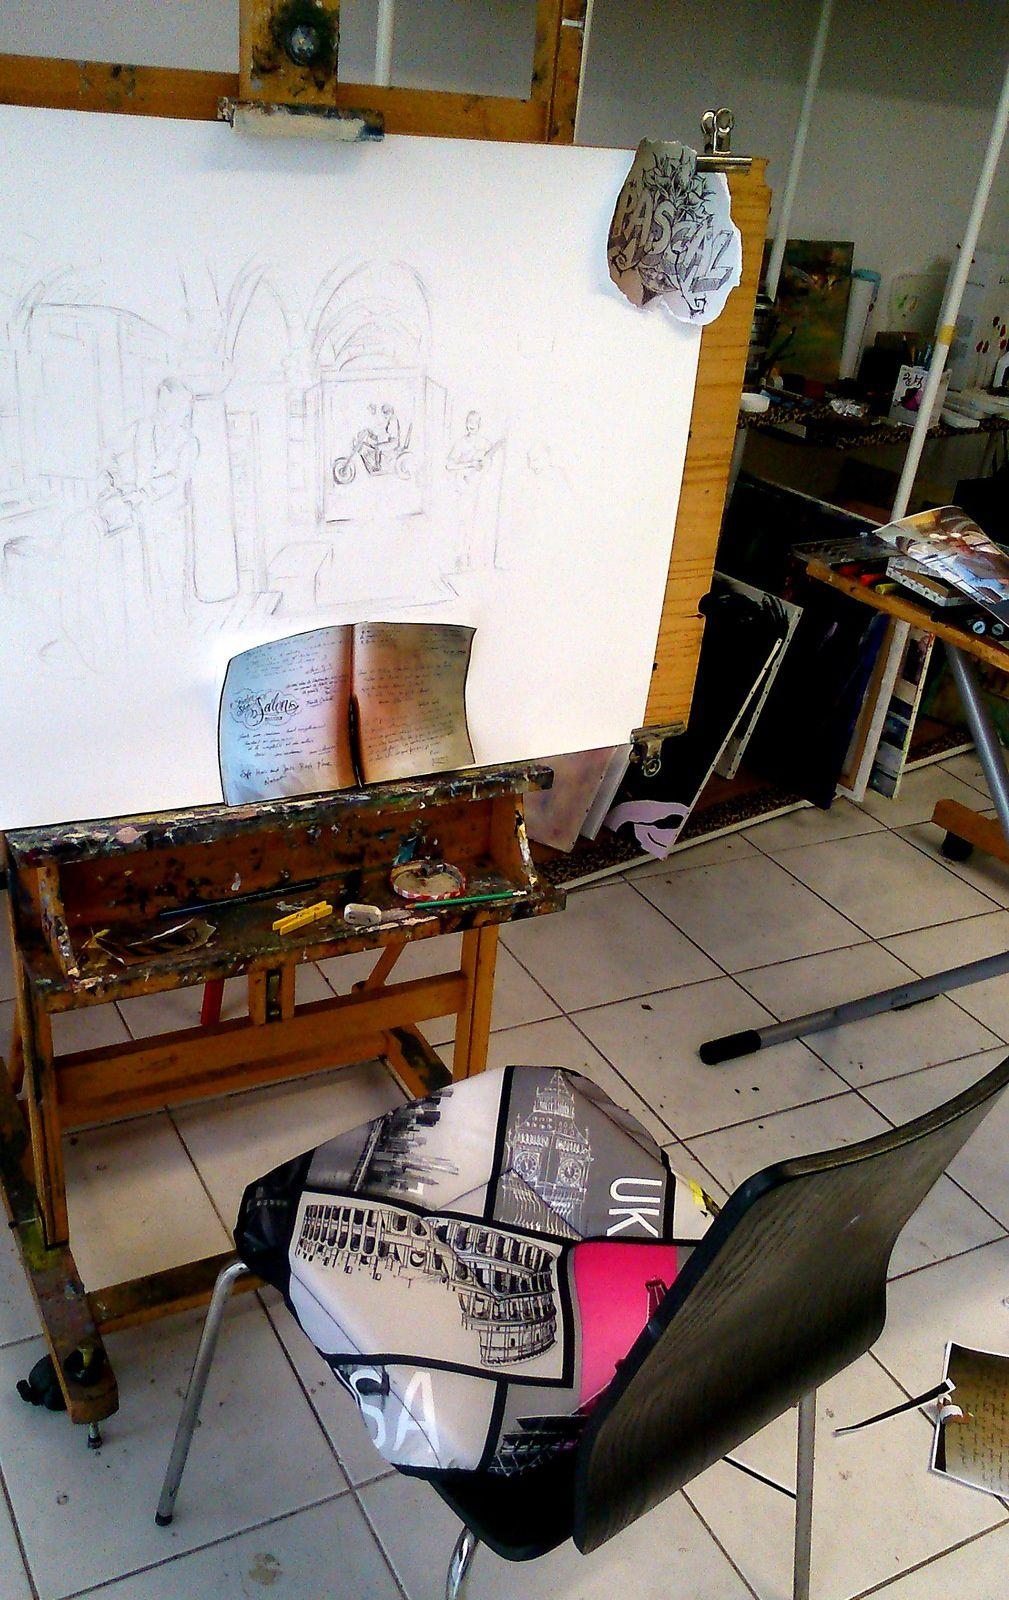 ... Mon atelier !!! Je suis quand même aussi souvent debout ! Séance de collage d'extraits du livre d'or que je vais insérer dans l'aquarelle ...